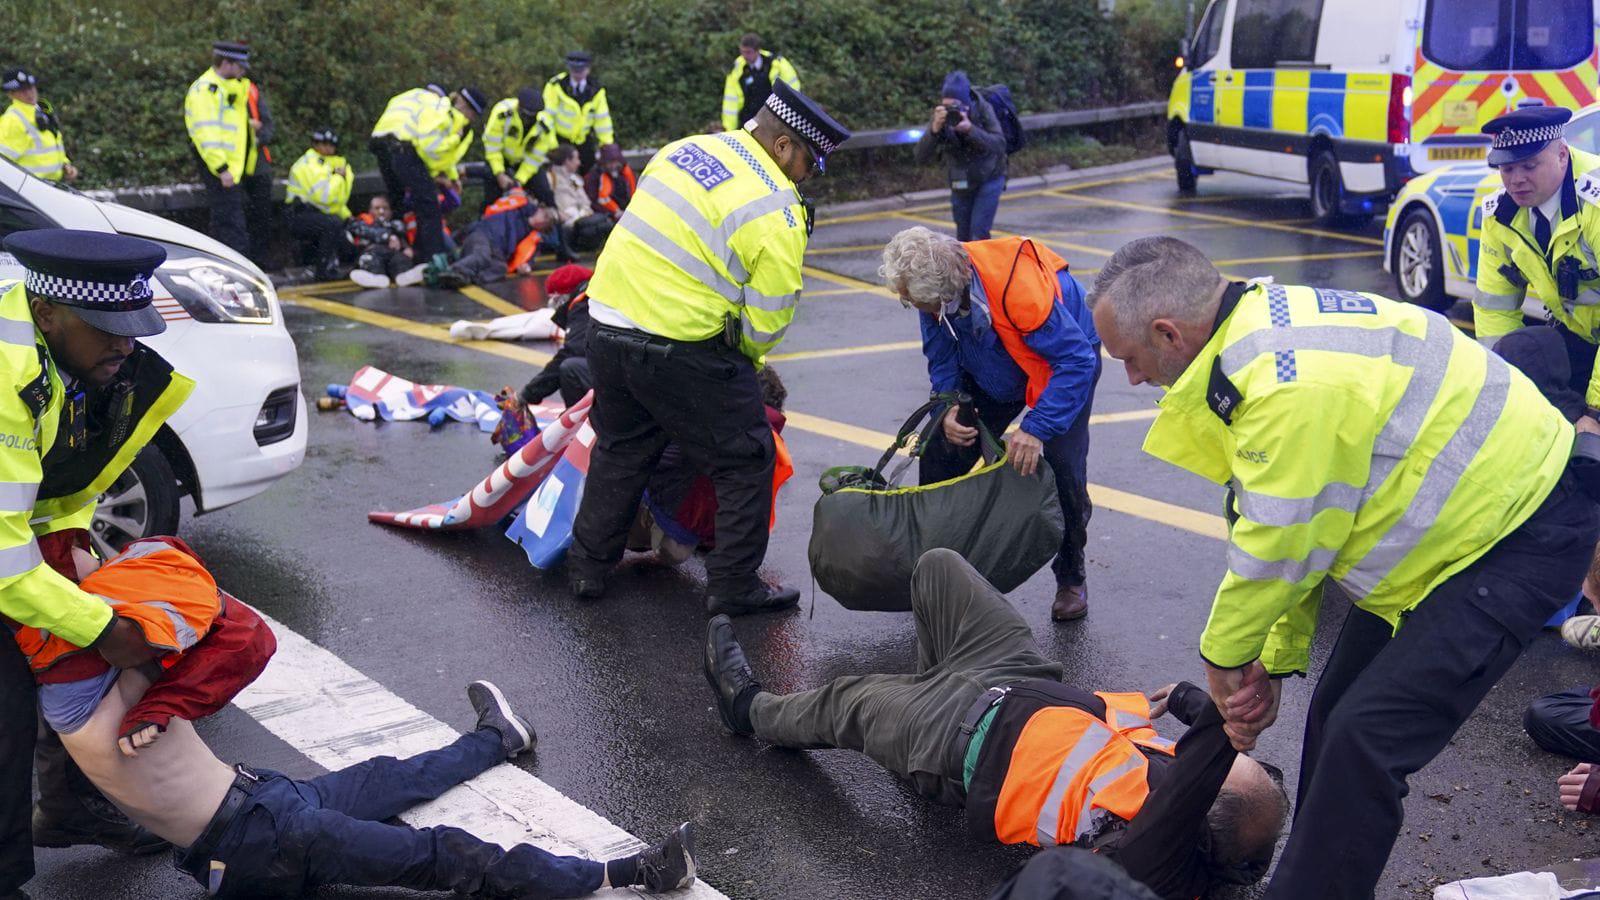 У Британії посилять покарання для кліматичних активістів за блокування доріг